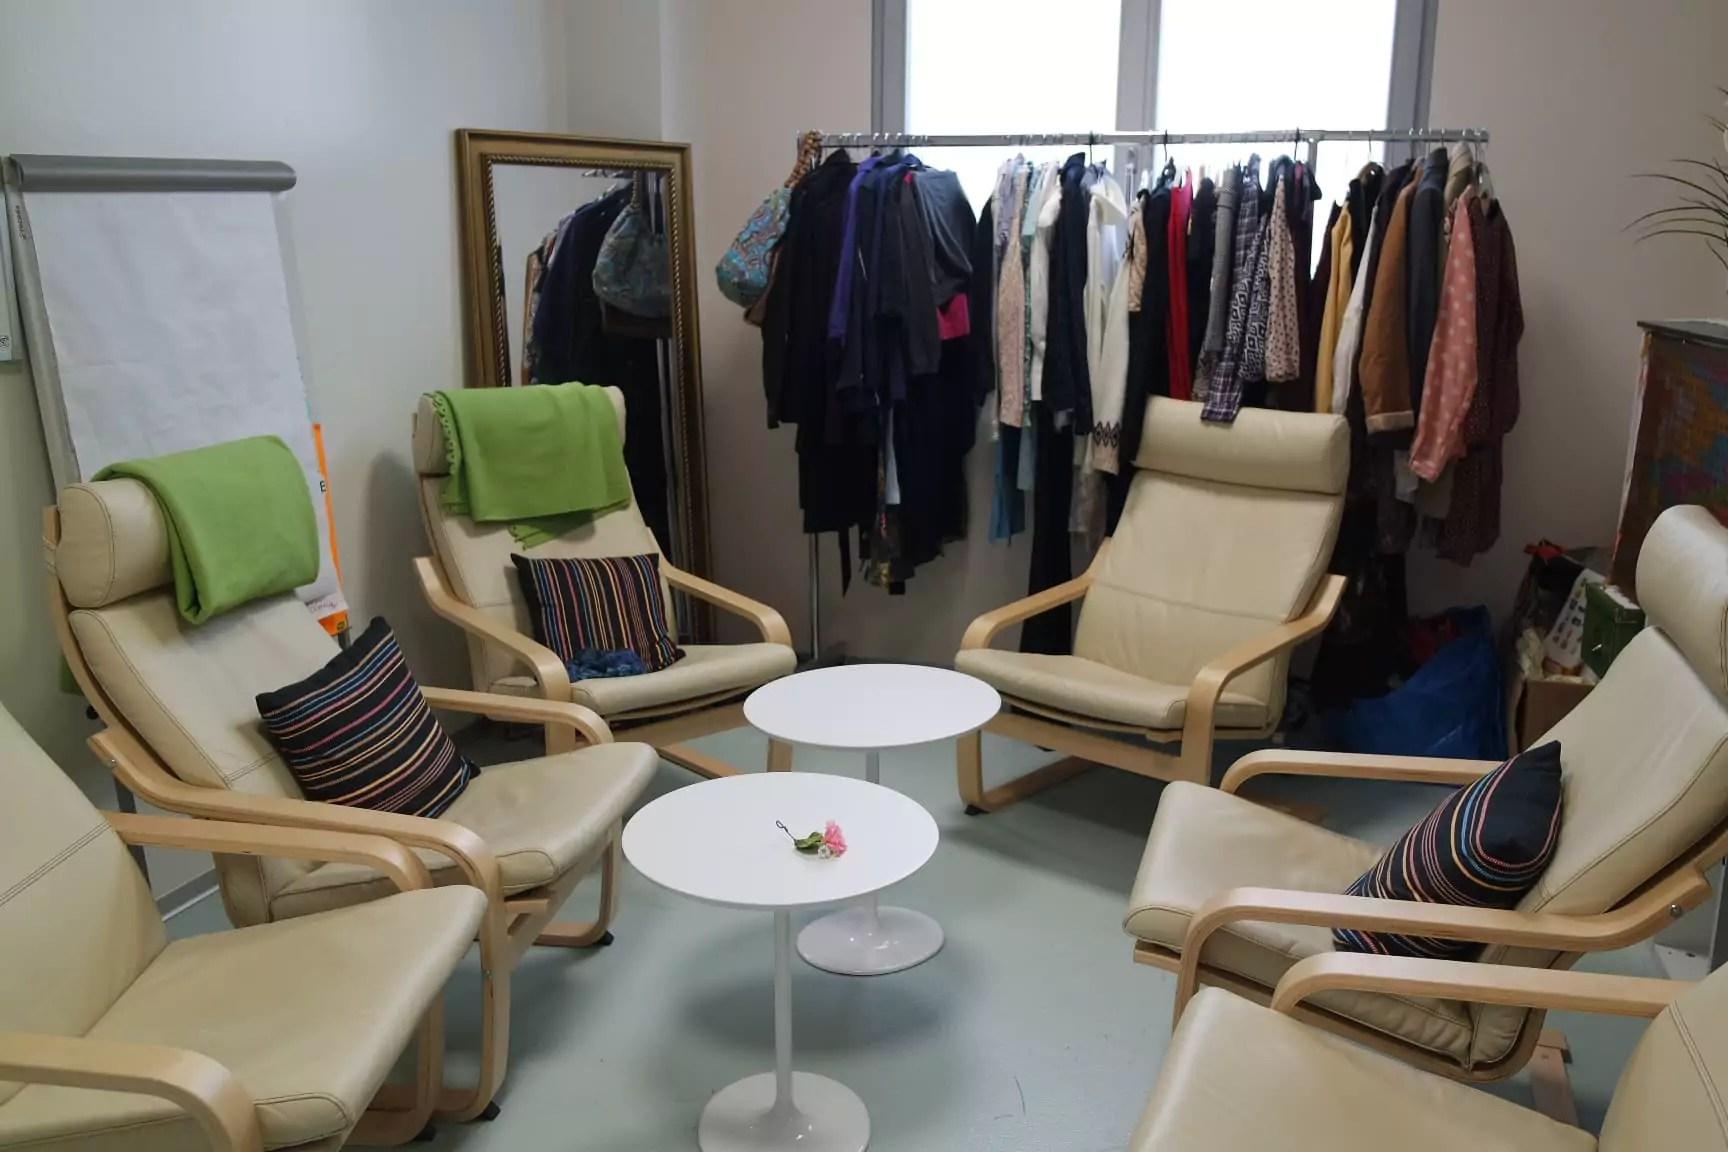 b le les salles de shoot ont prouv leur utilit et leur efficacit. Black Bedroom Furniture Sets. Home Design Ideas